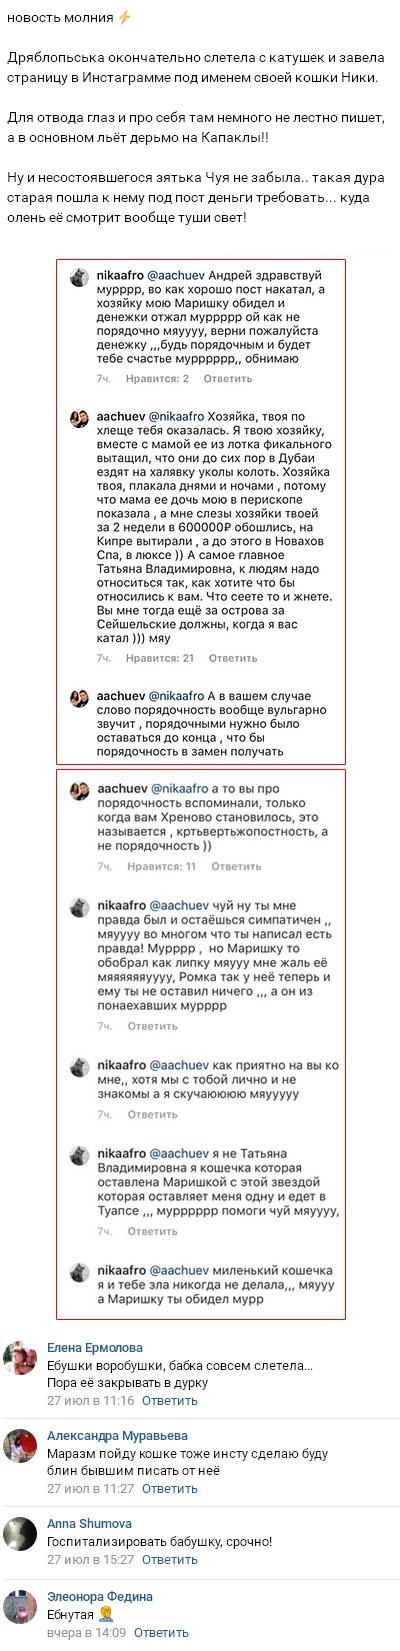 Татьяна Африкантова окончательно слетела катушек